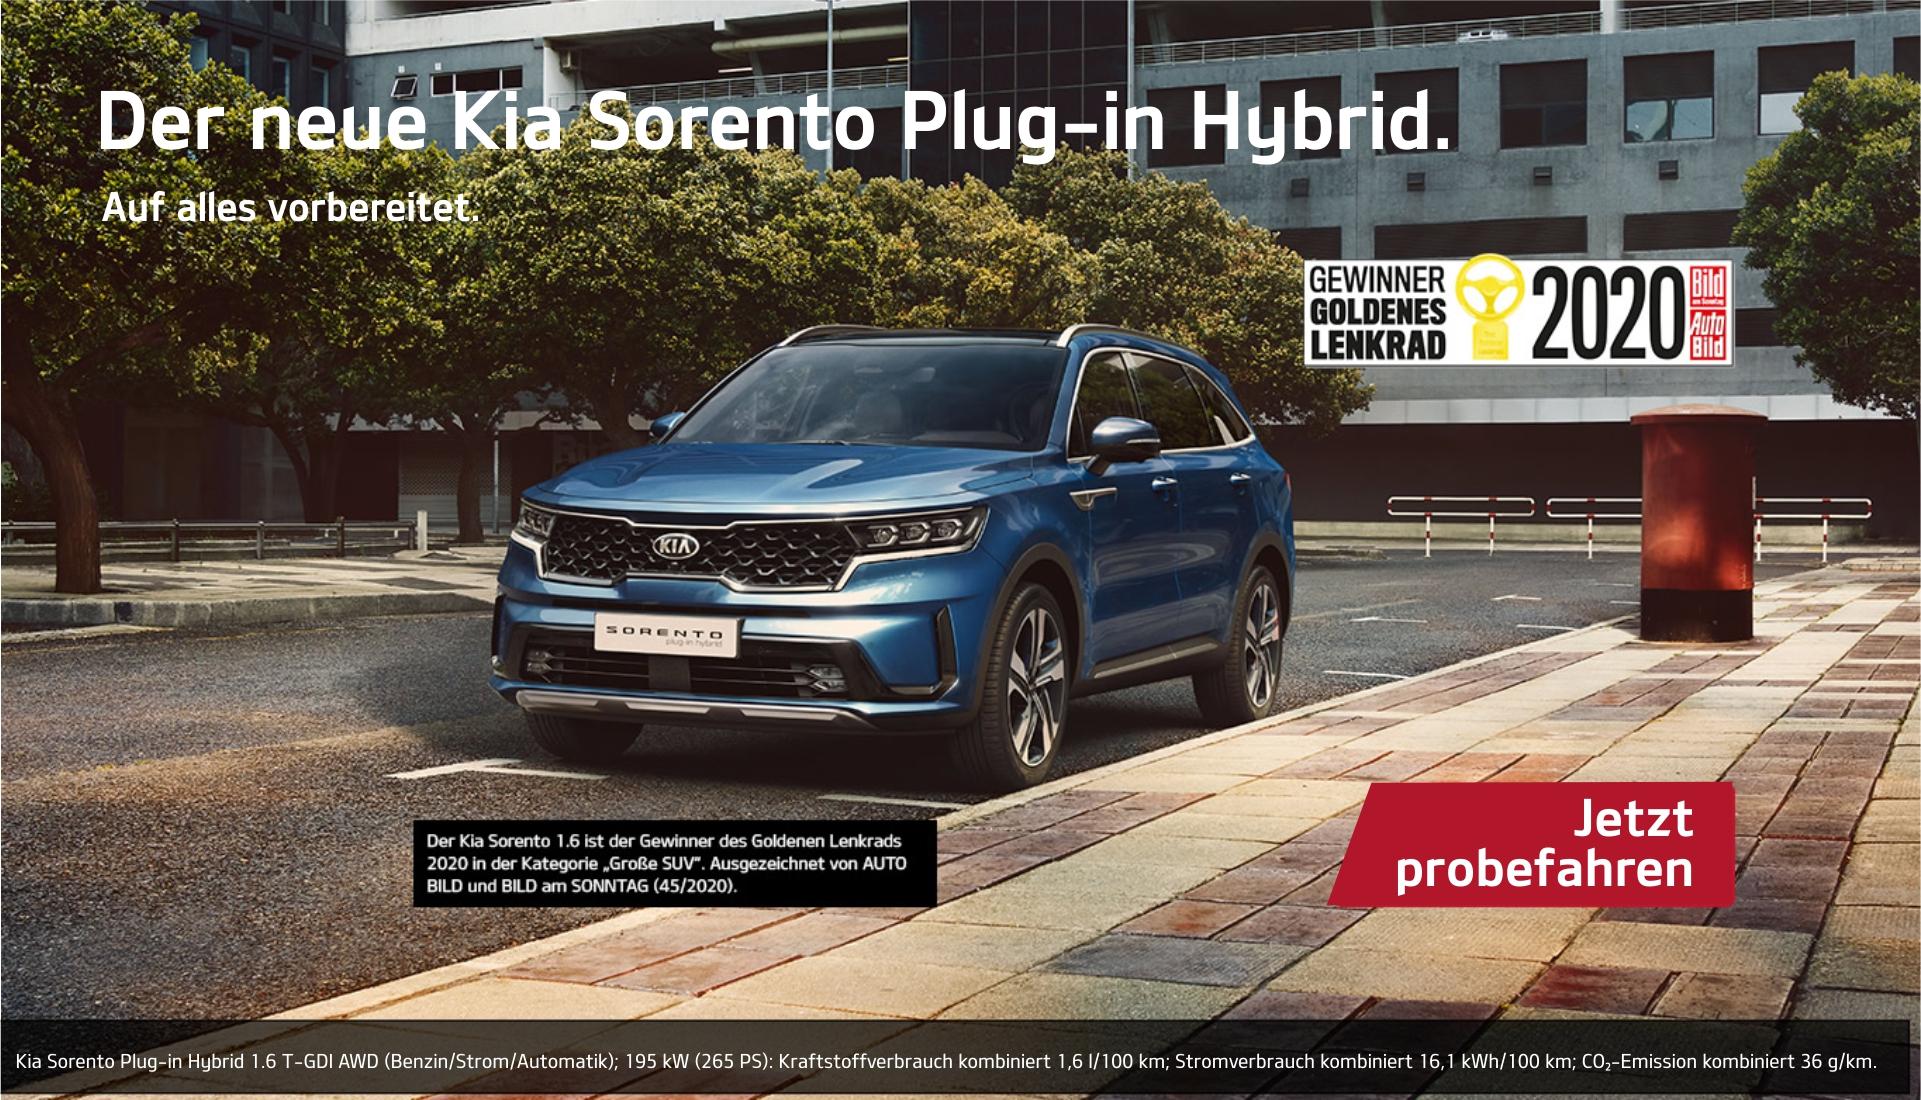 Kia Sorento Plug-in Hybrid